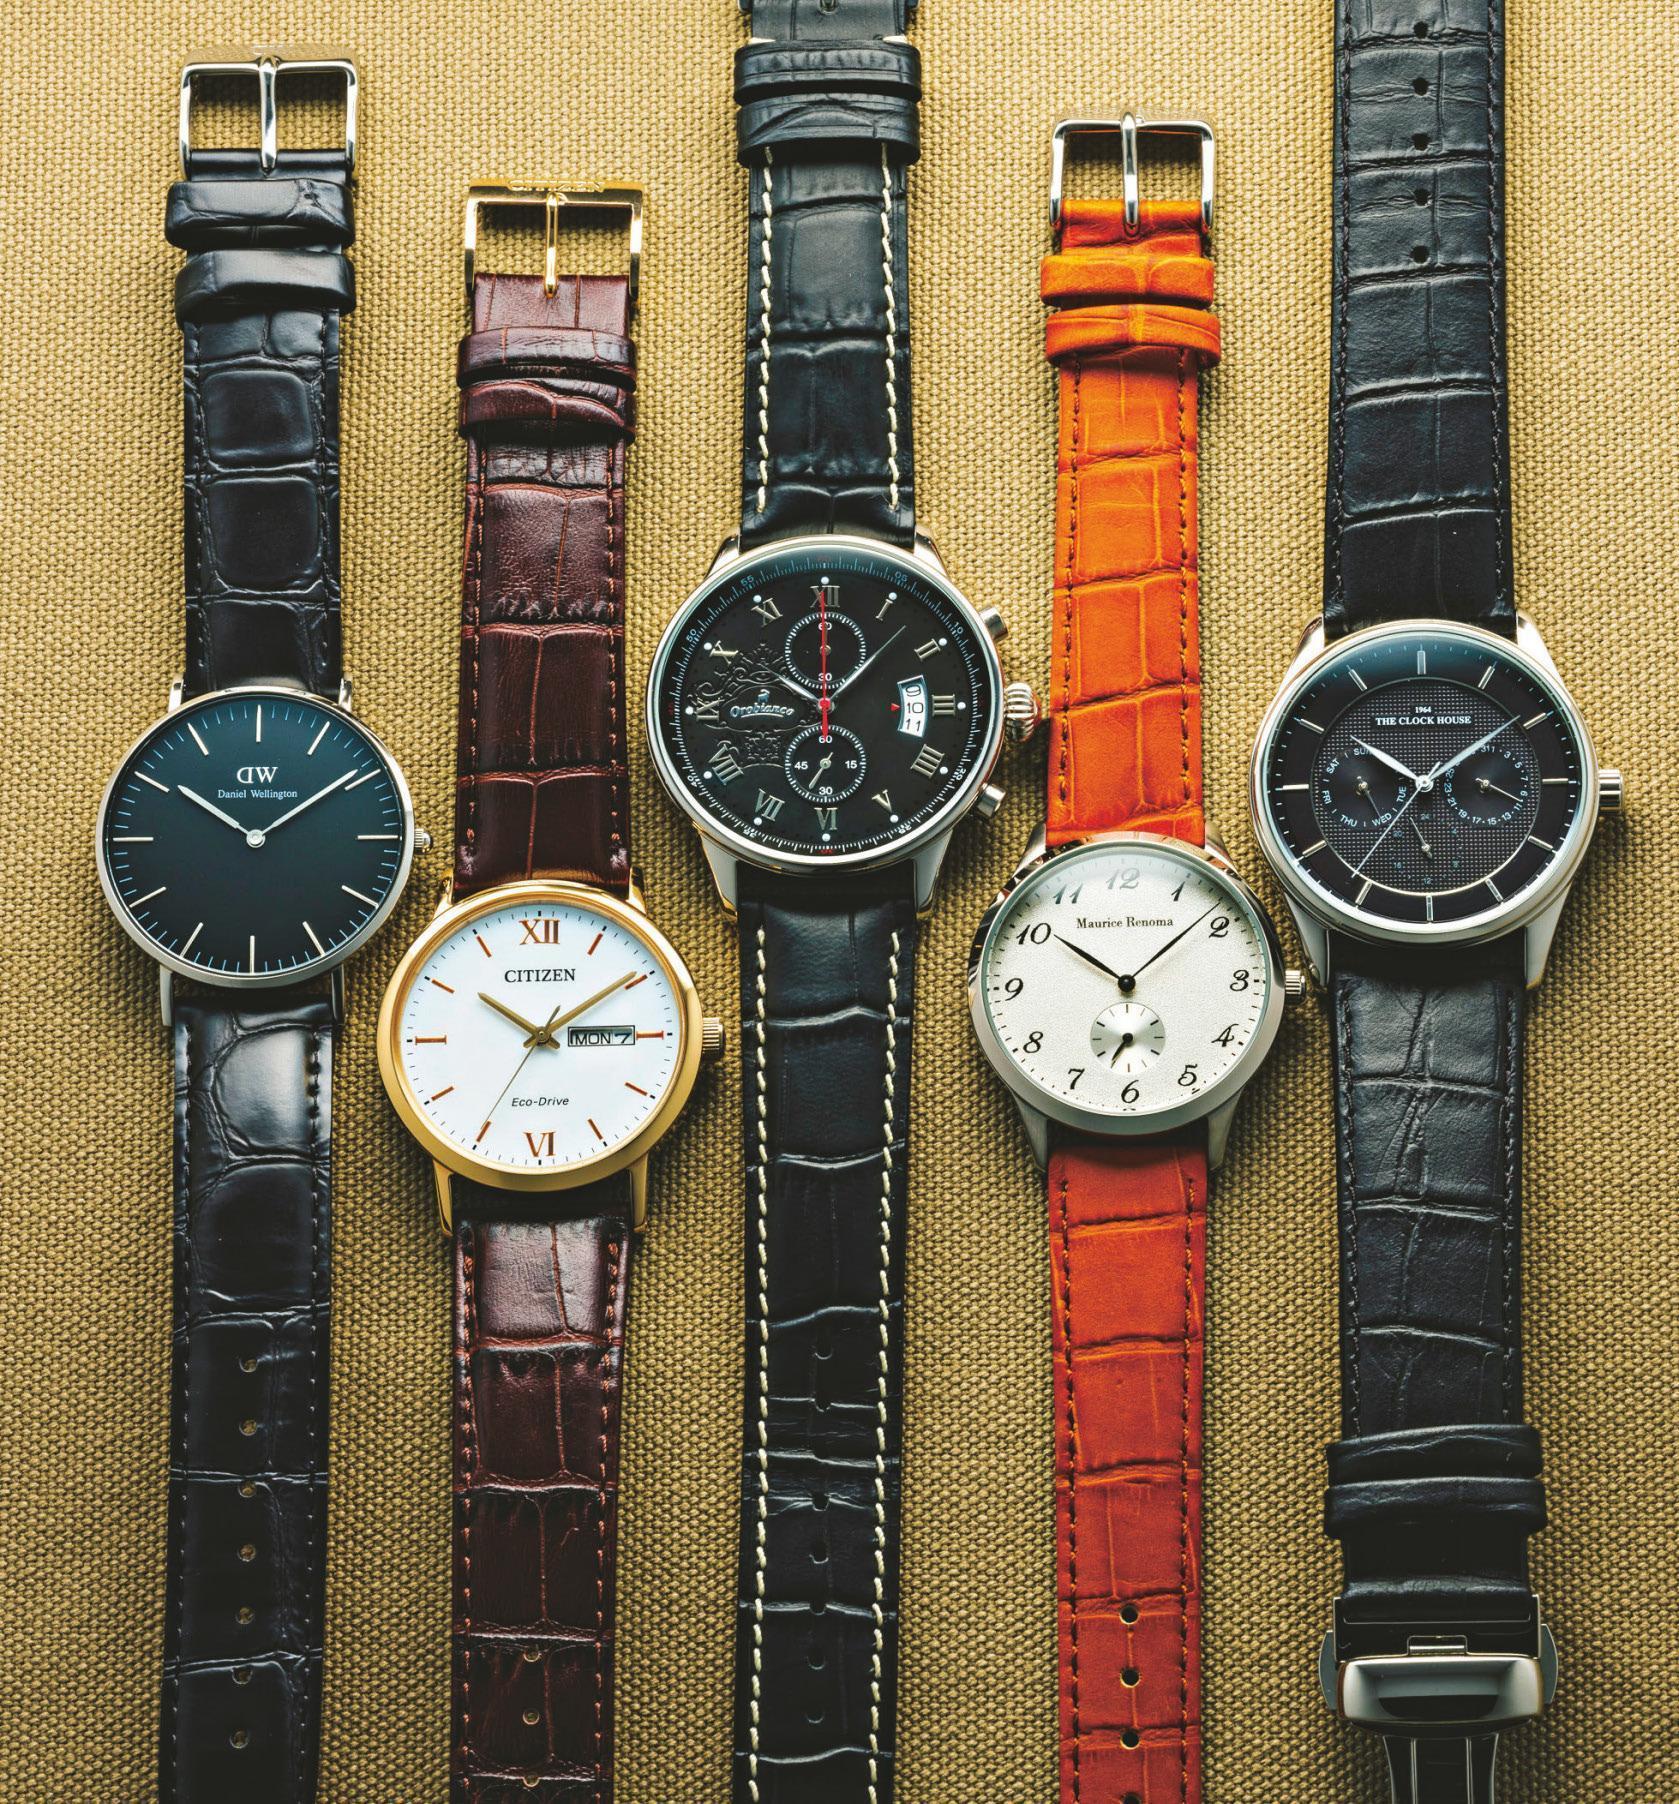 3万円以下で高級時計に見える革ベルト時計5選<br />